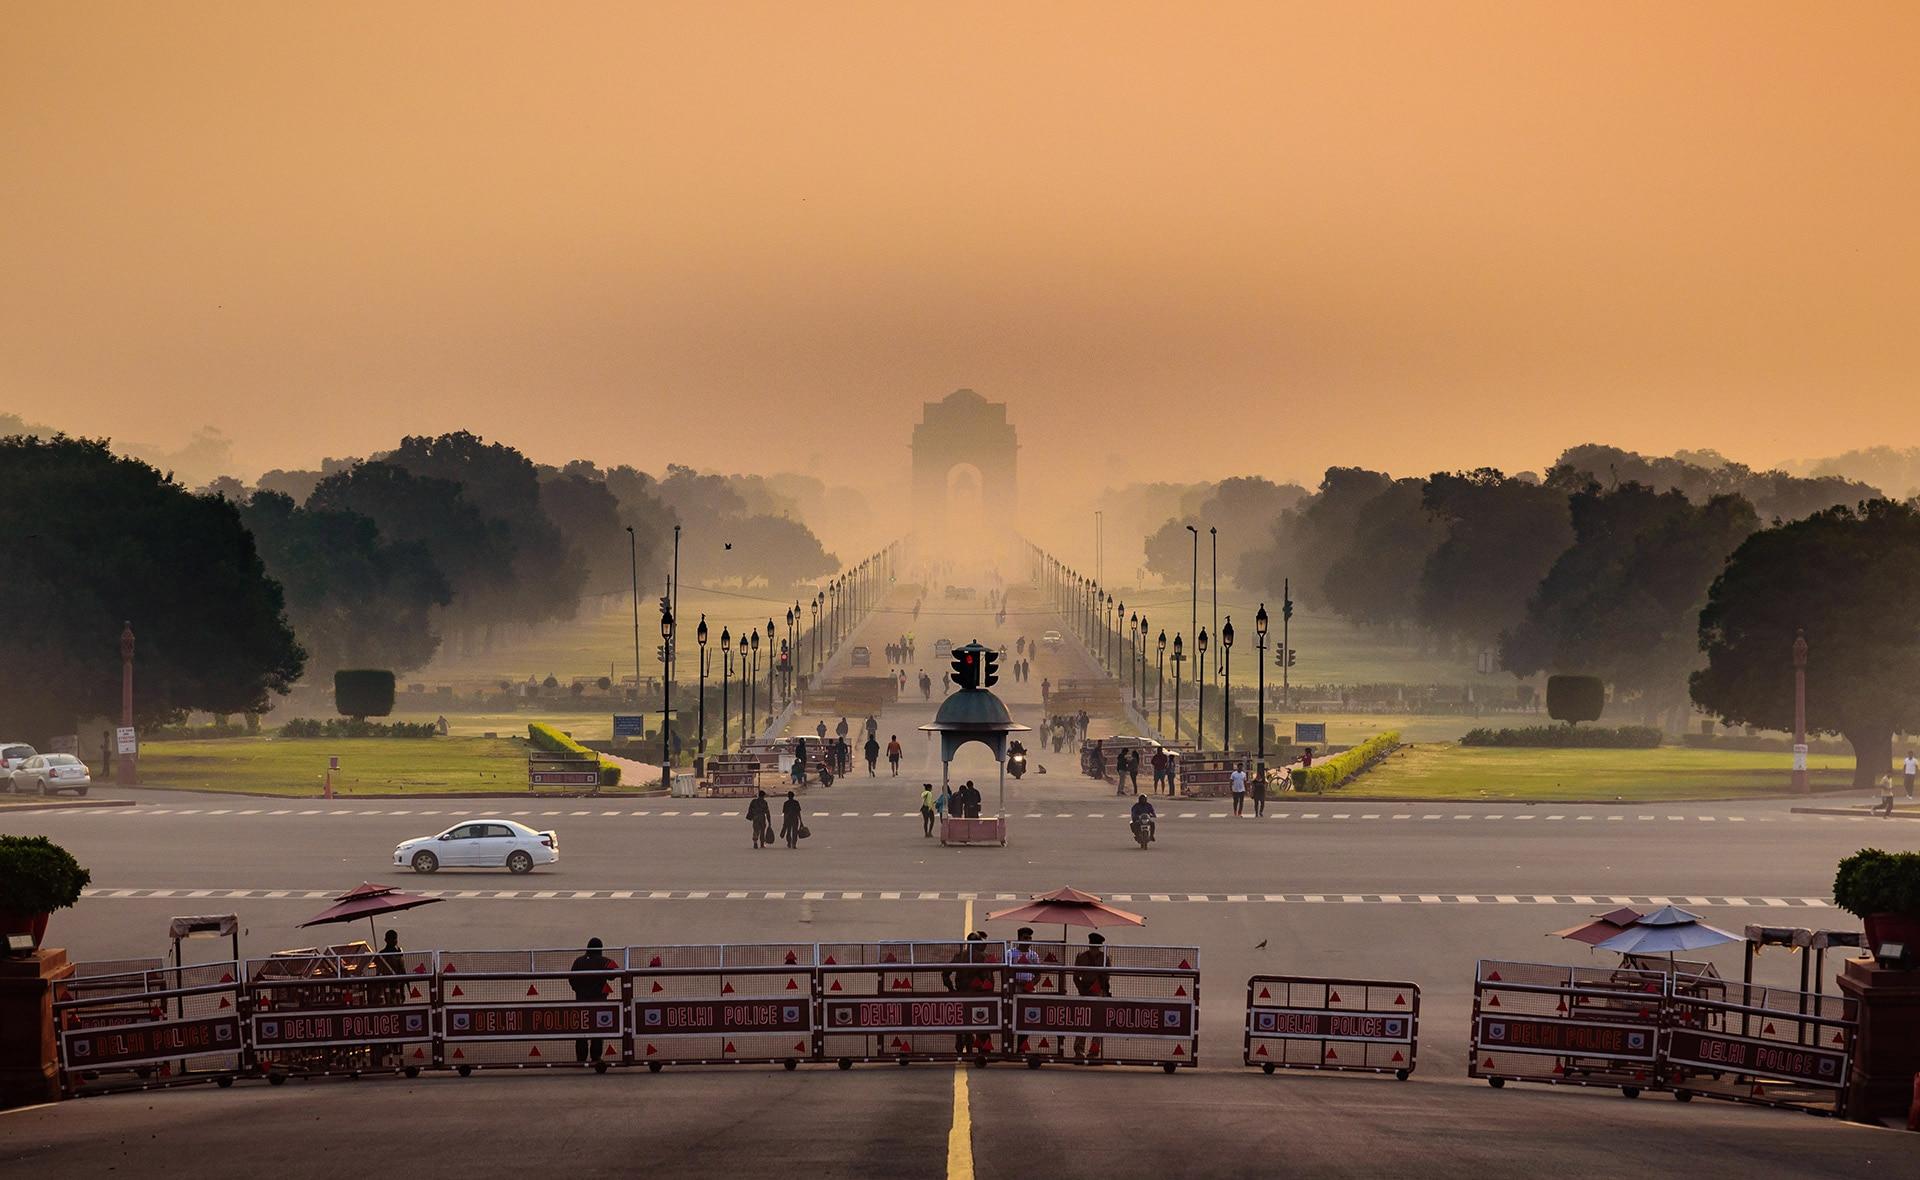 BBVA-diez-paises-mas-contaminados-sostenibilidad-contaminacion-ciudades-medioambiente-proteccion